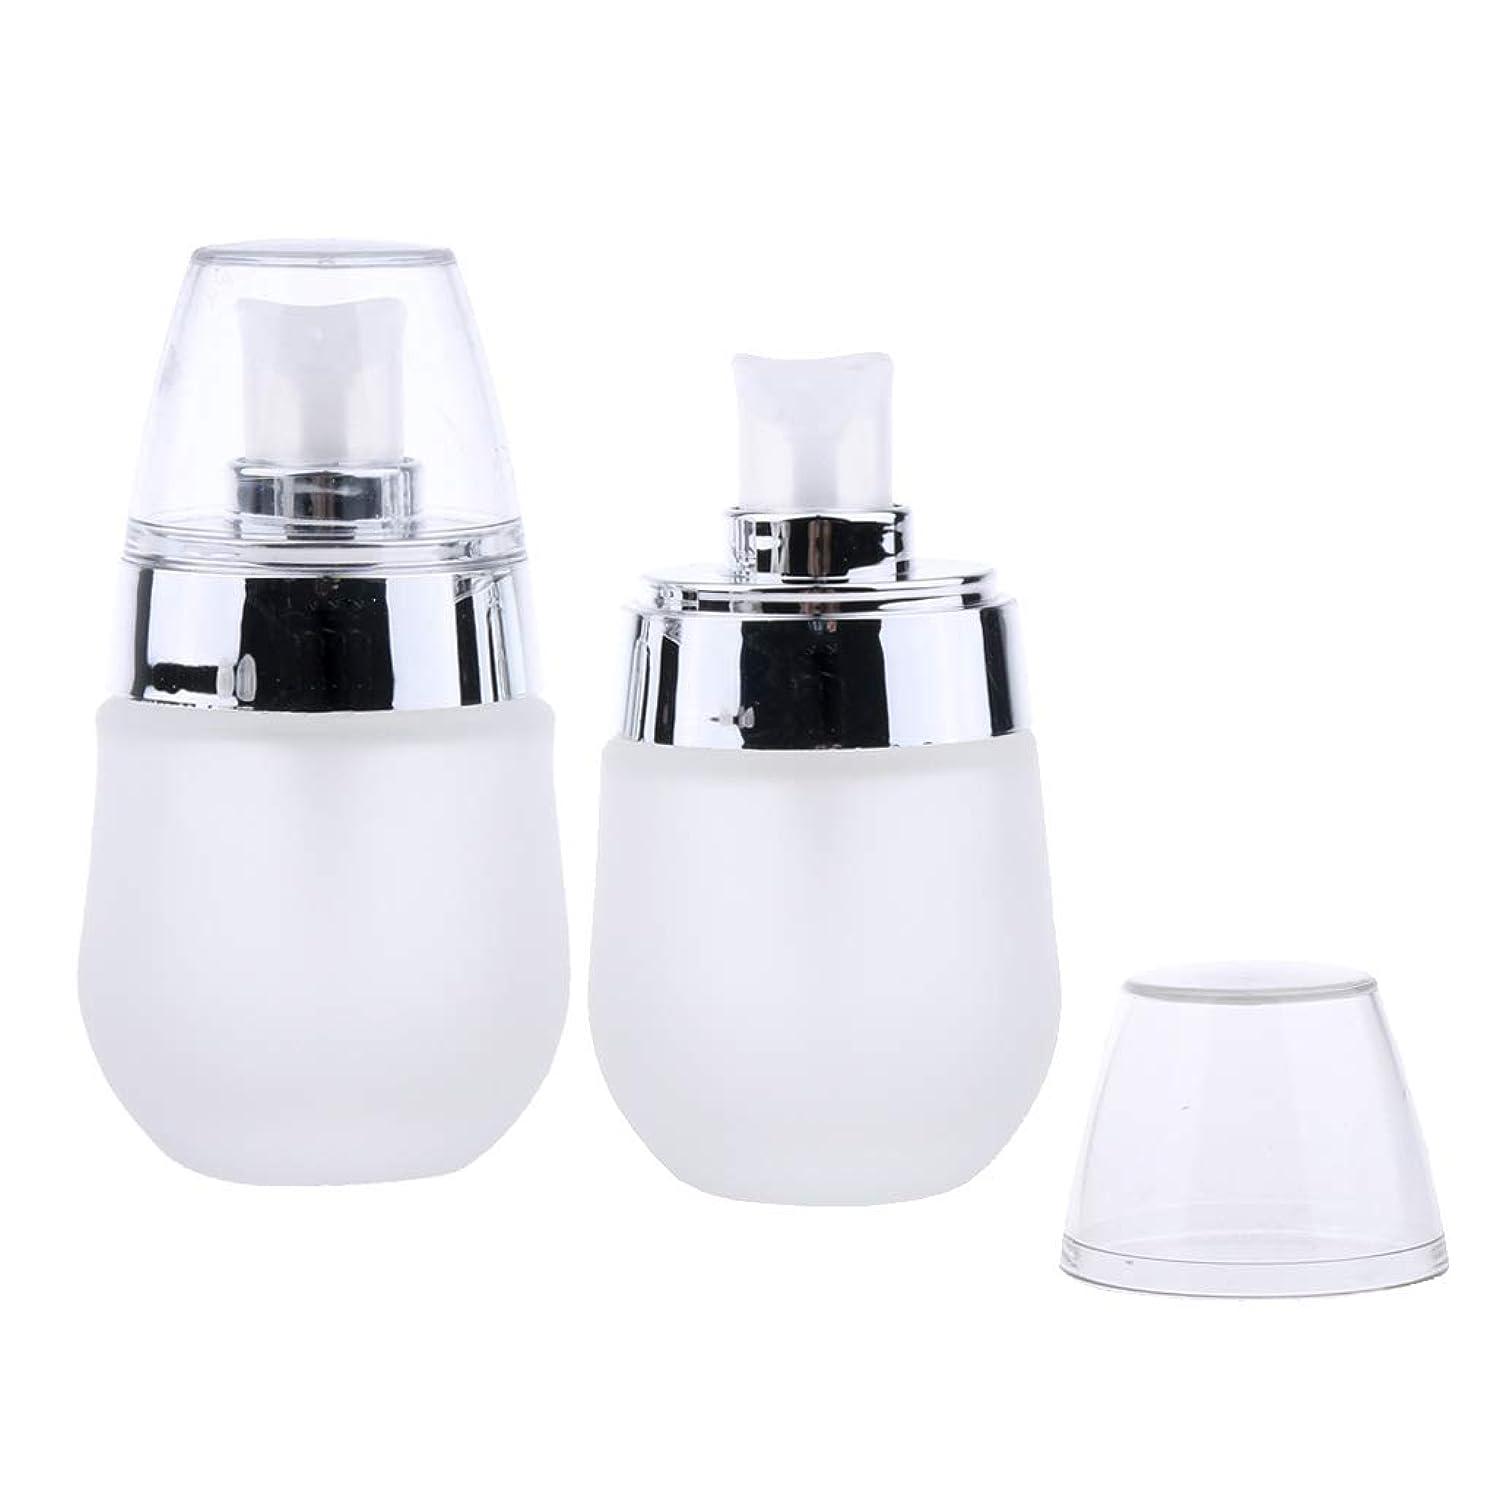 におい説明するアライメントFLAMEER 2個 ポンプスプレーボトル 30ミリリットル ガラス 再充填可能 3色選べ - スライバポンプ